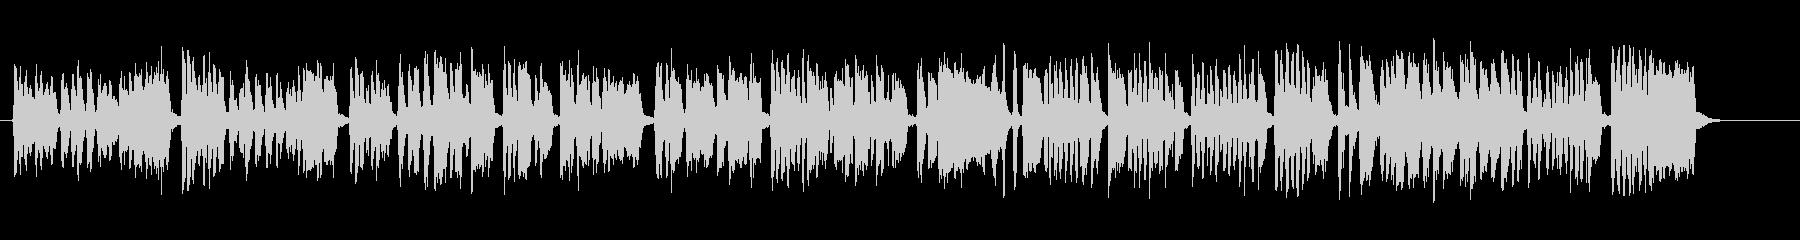 元気で明るいシンプルな合唱団コーラスの未再生の波形